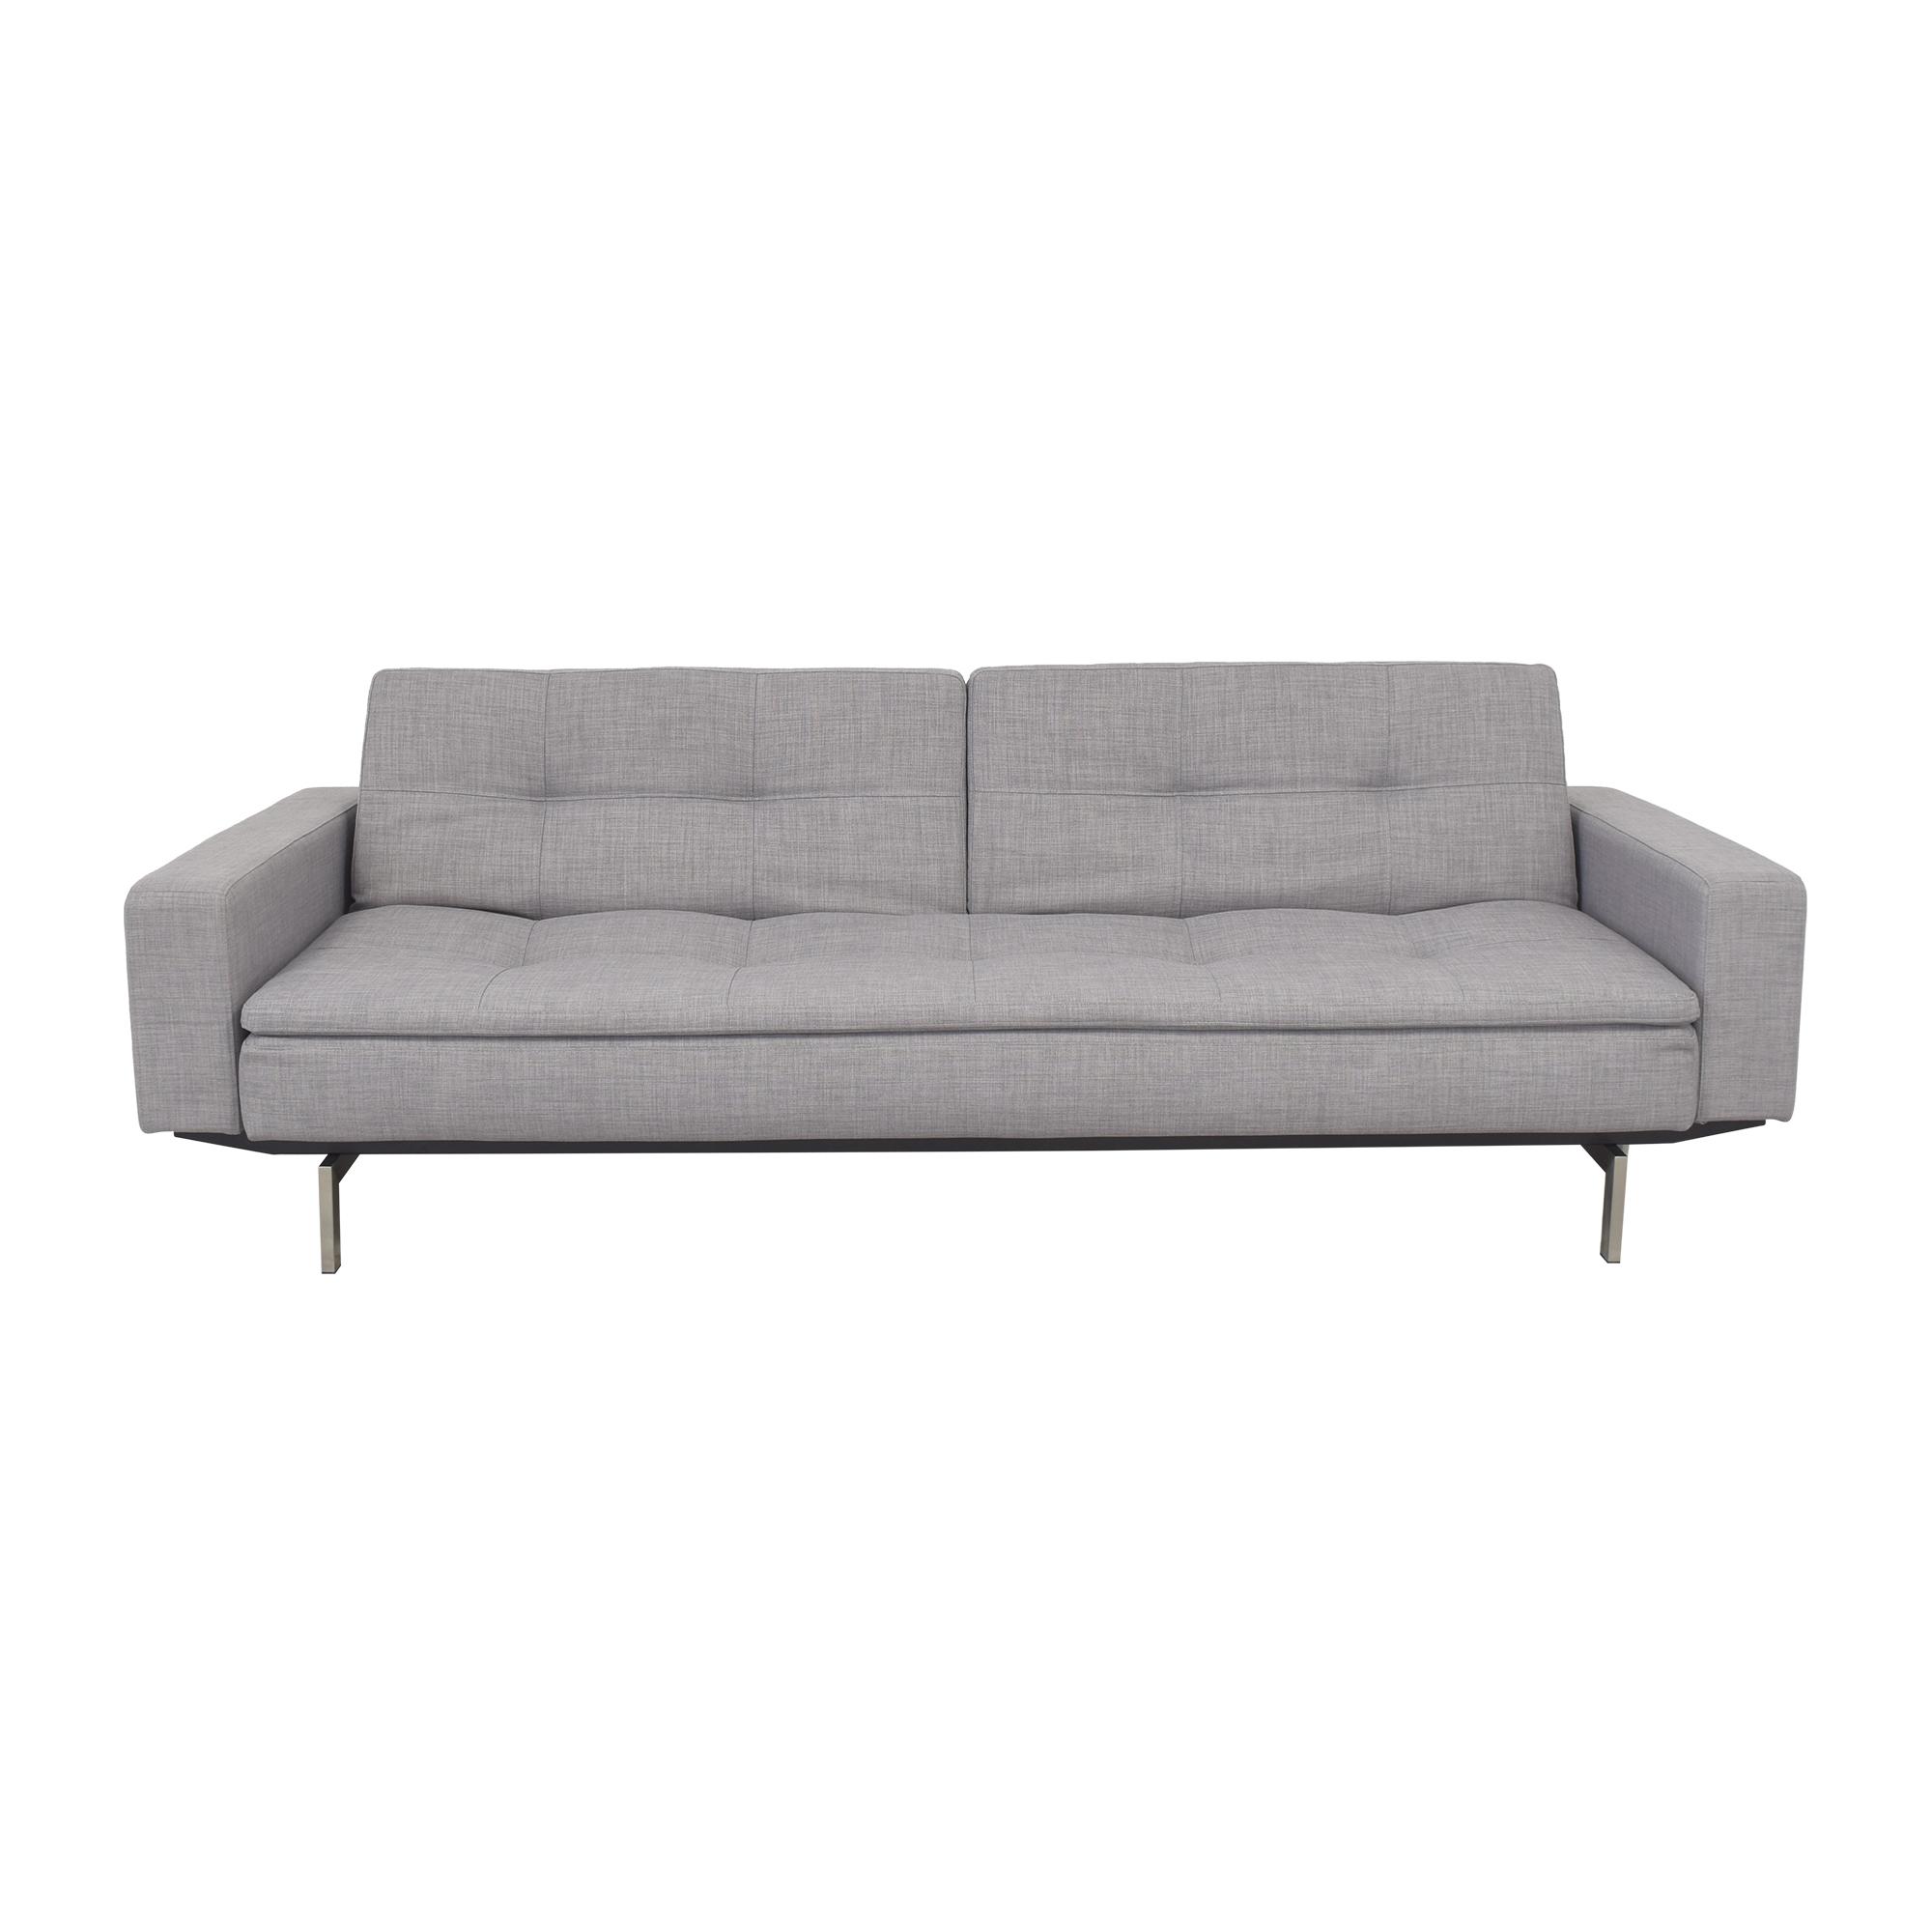 shop Innovation Living Innovation Dublexo Deluxe Sofa Bed online